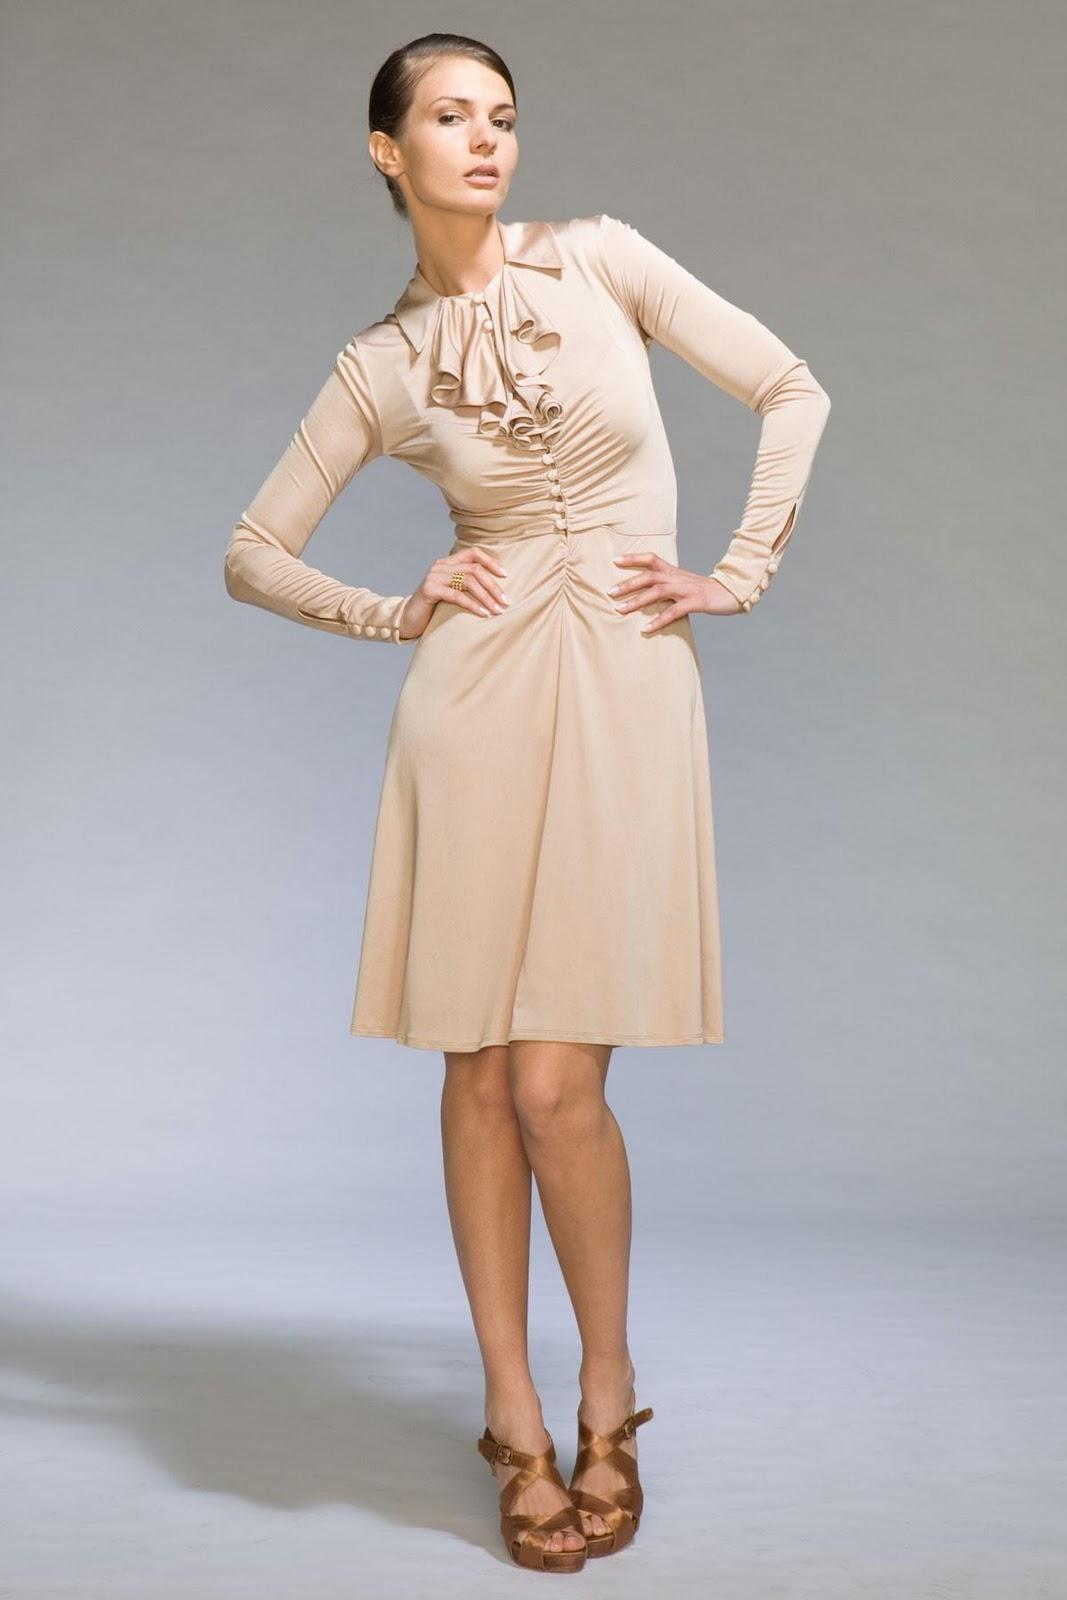 Silk Jersey Dress Jill Braun from jillbraun.com